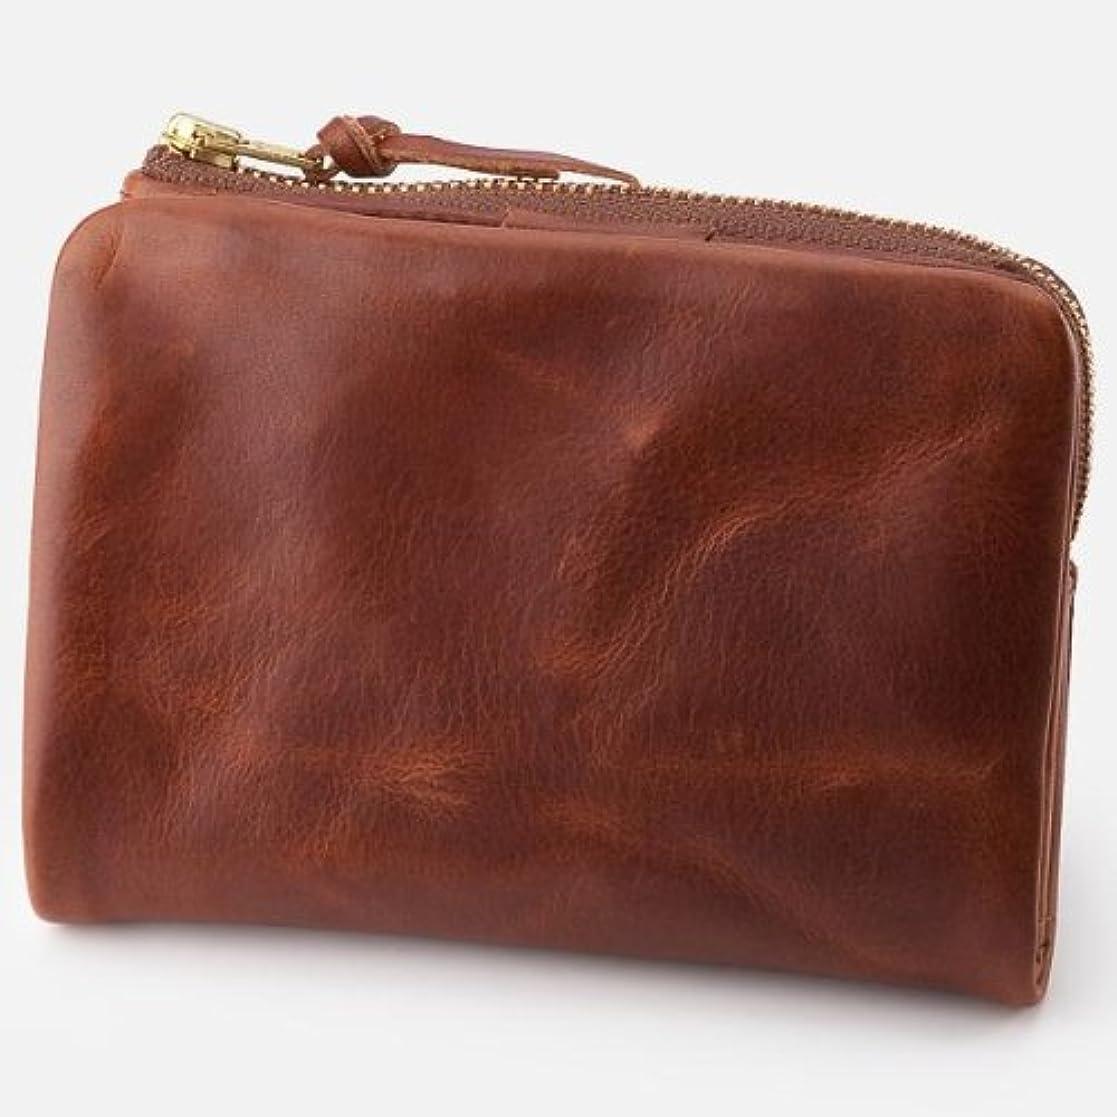 フラフープ不名誉泥だらけポーター(PORTER) ポーター ソーク ウォレット 2つ折り財布(101-06003)